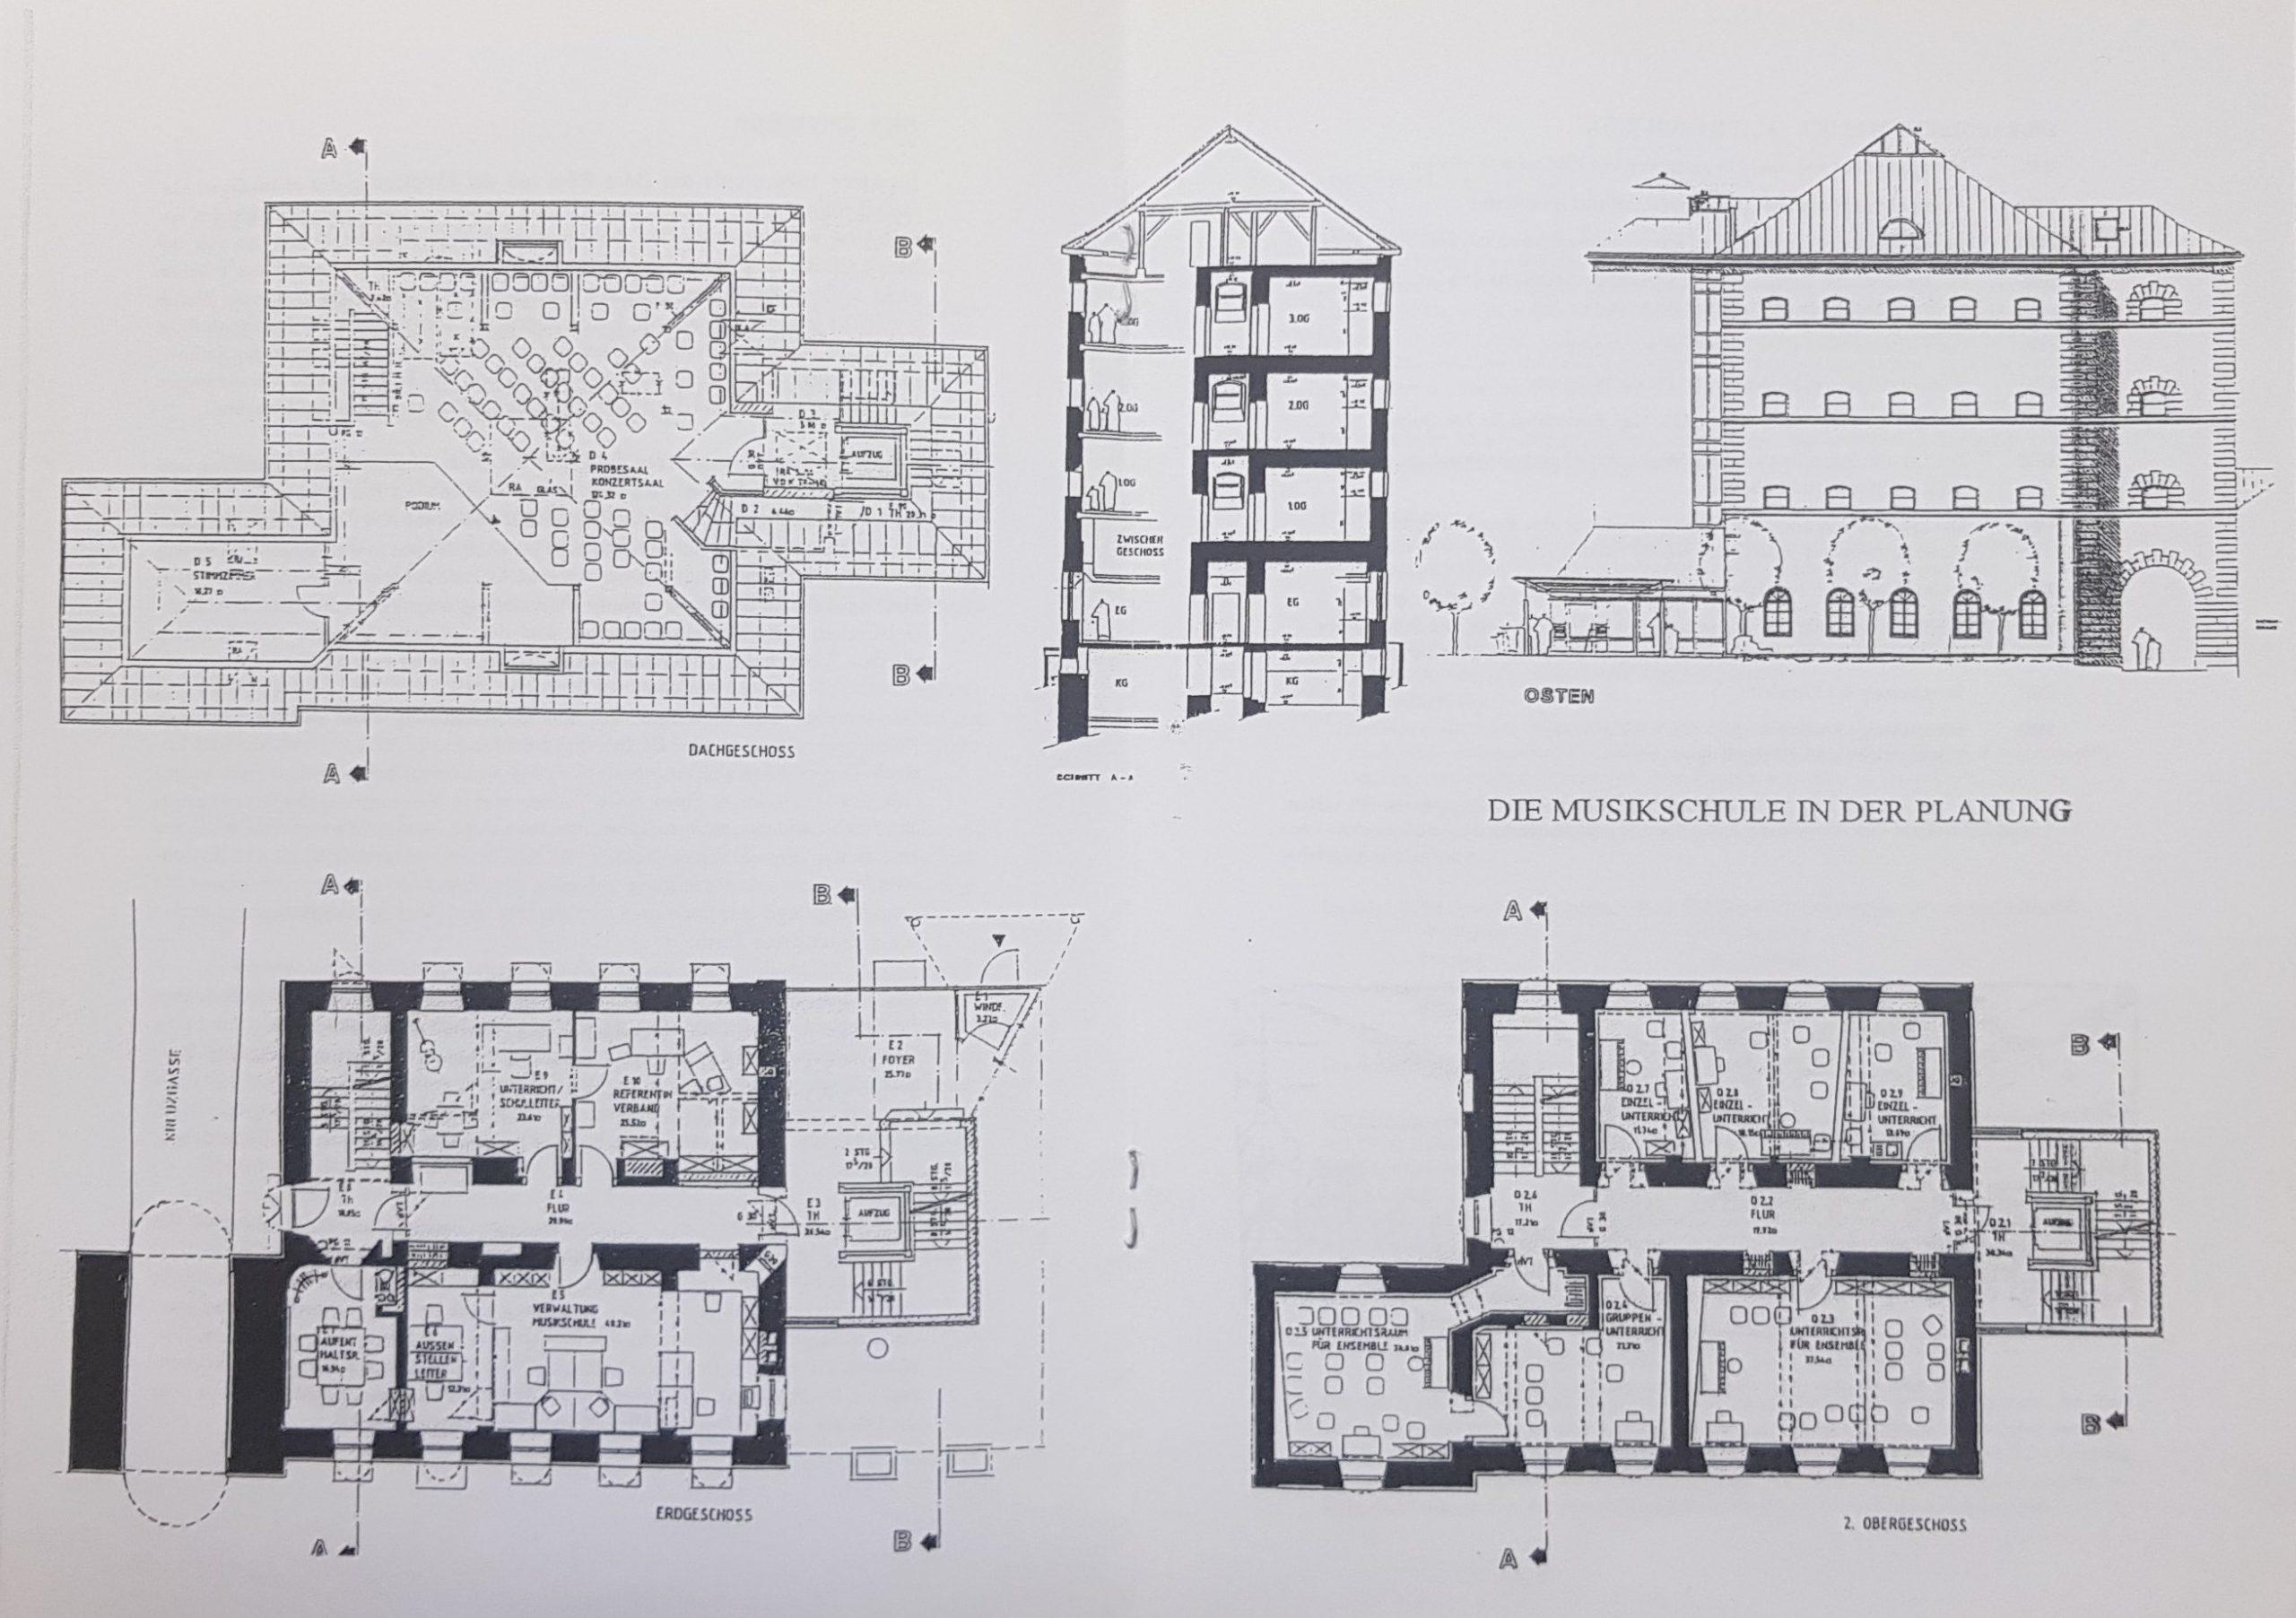 Historie des Gebäudes der Musikschule